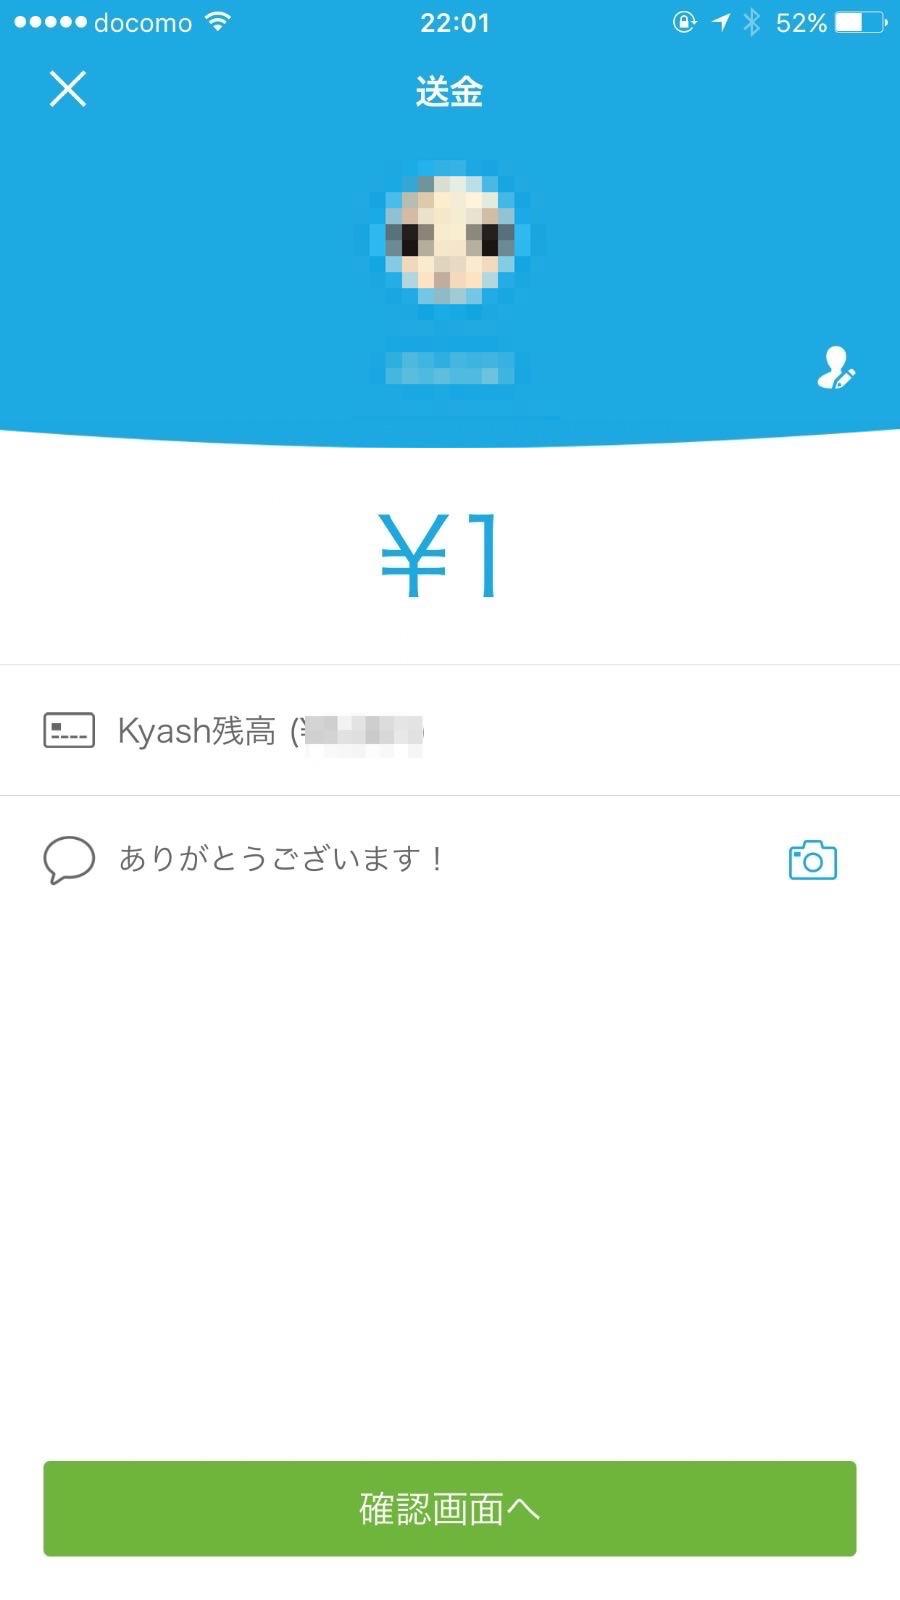 Kyash 9381